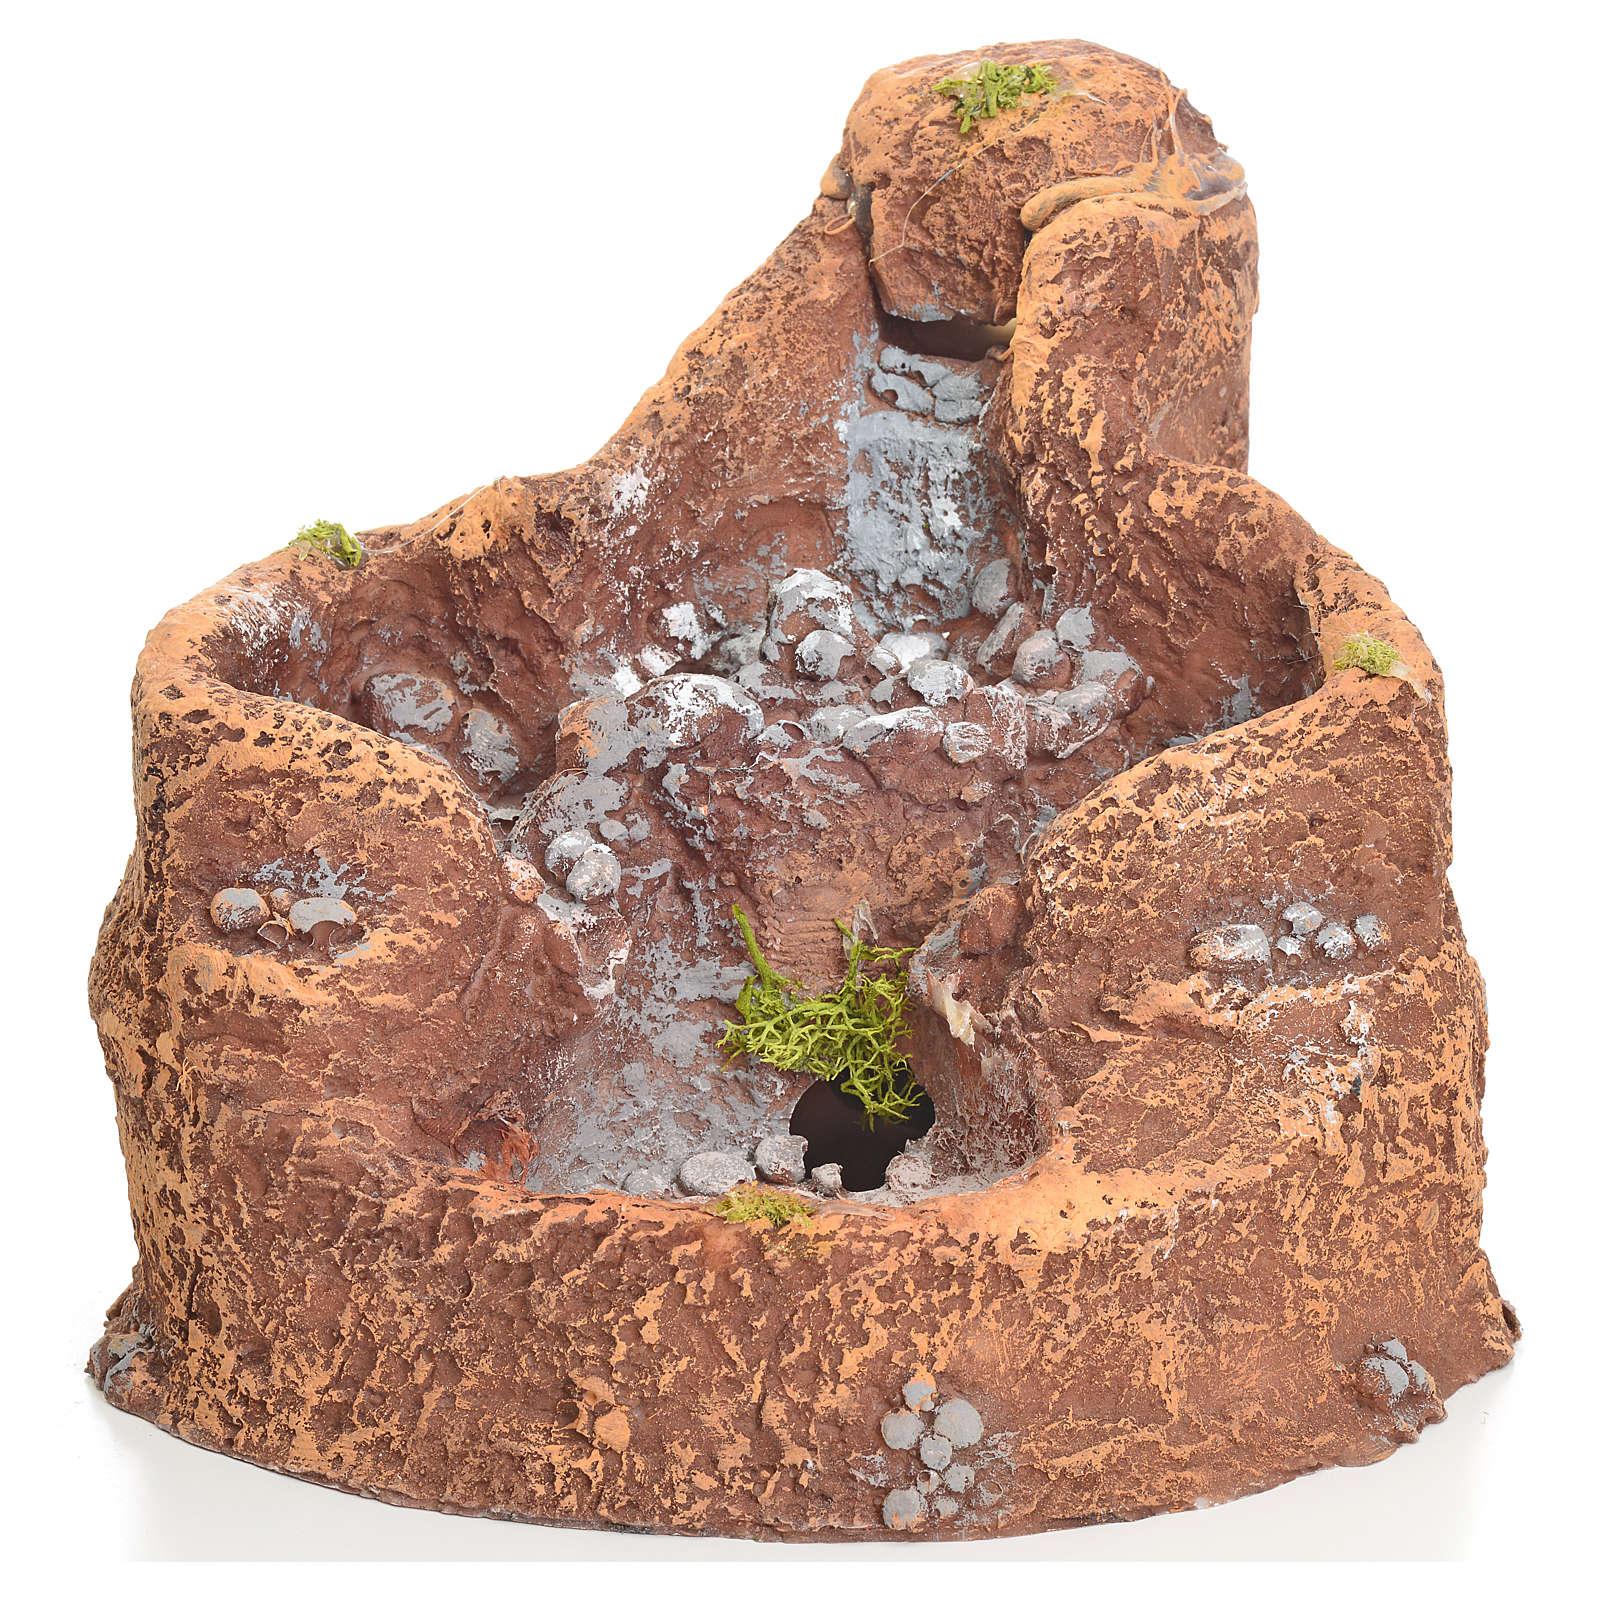 Laghetto in resina con cascata per presepe 16x18x15 cm 4